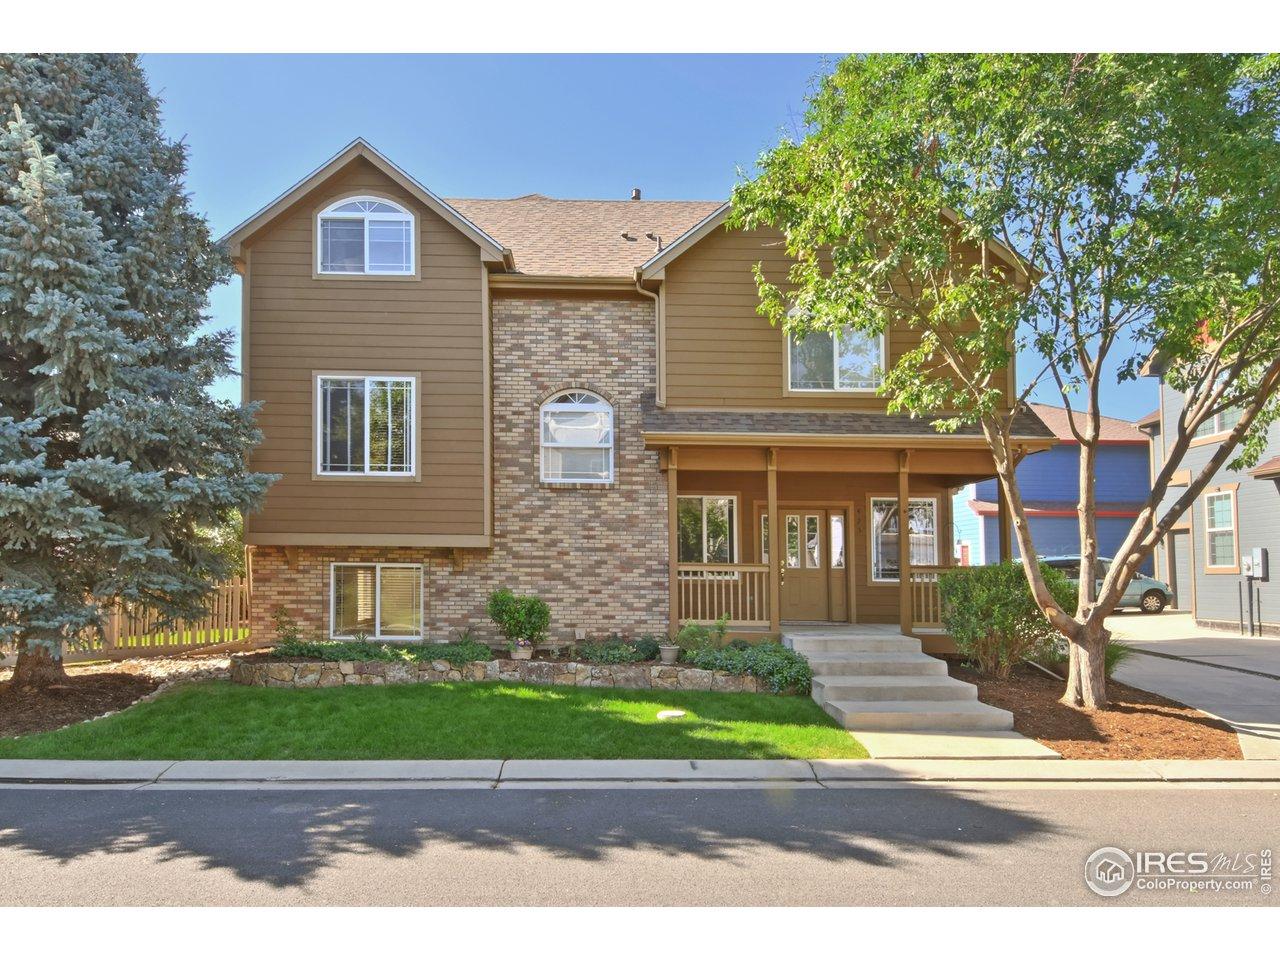 423 Sierra Ave, Longmont CO 80501